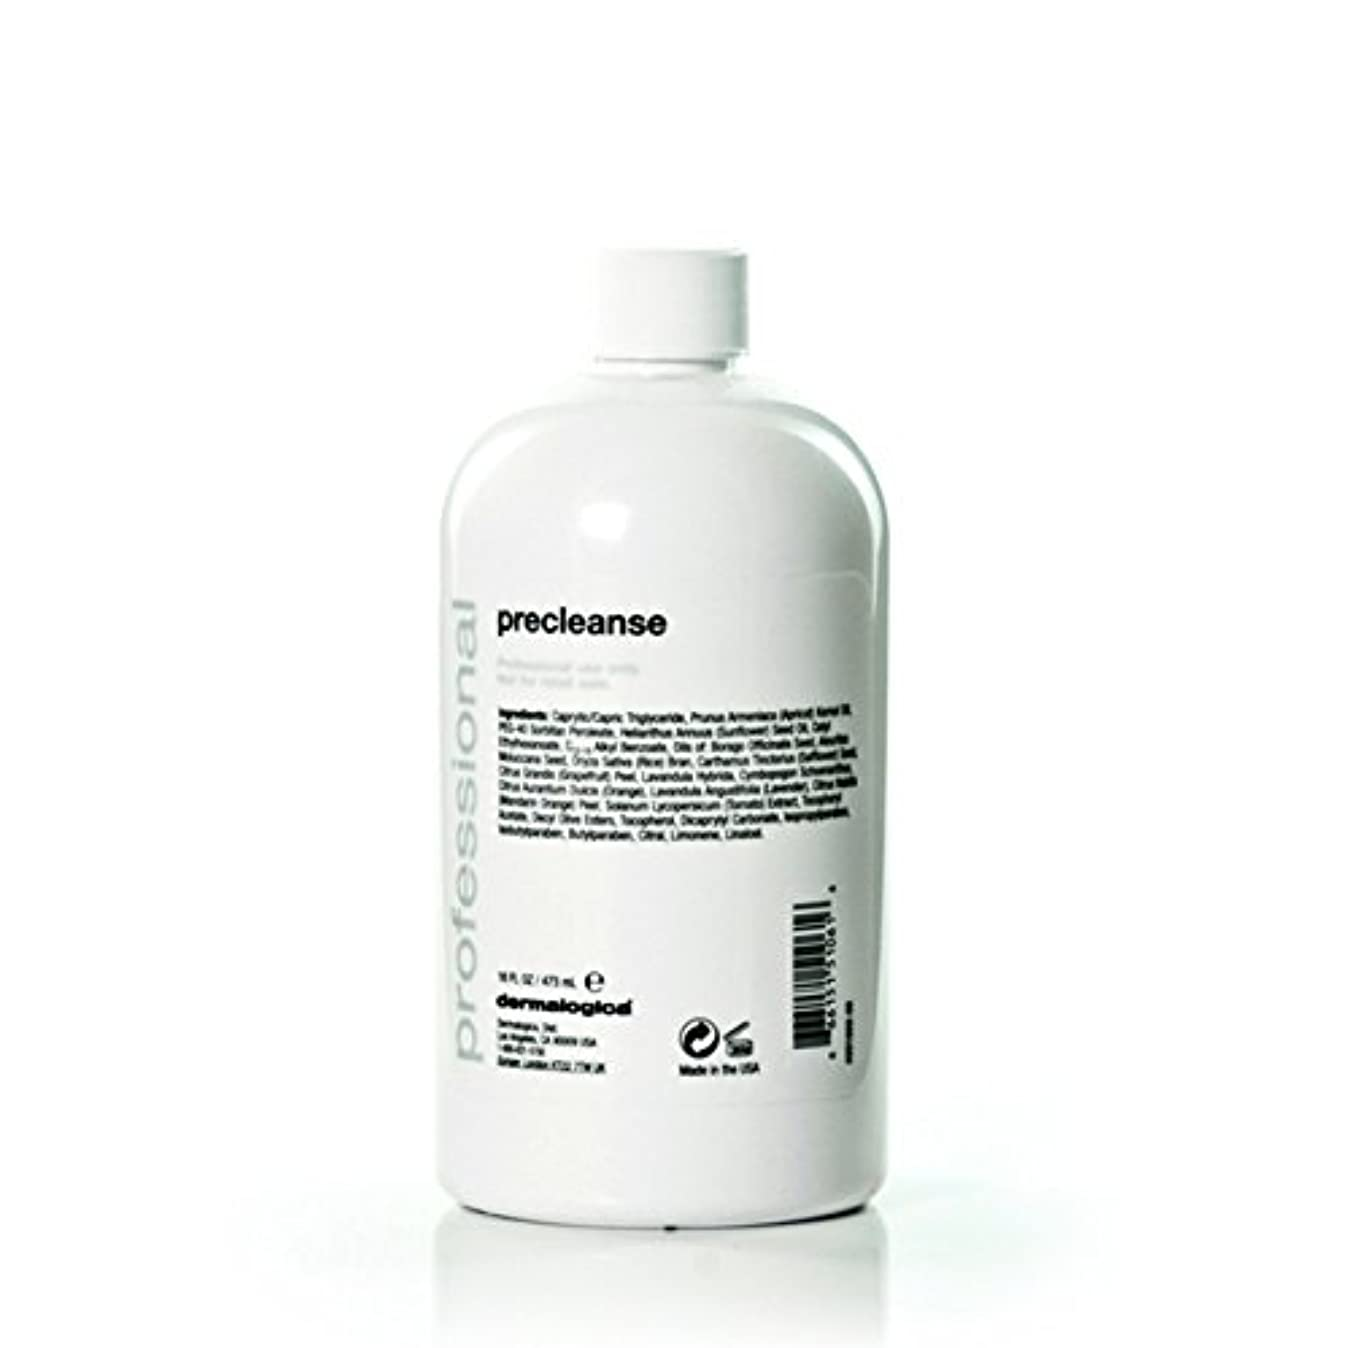 アイスクリーム軌道句読点ダーマロジカ PreCleanse PRO (Salon Size) 473ml/16oz並行輸入品